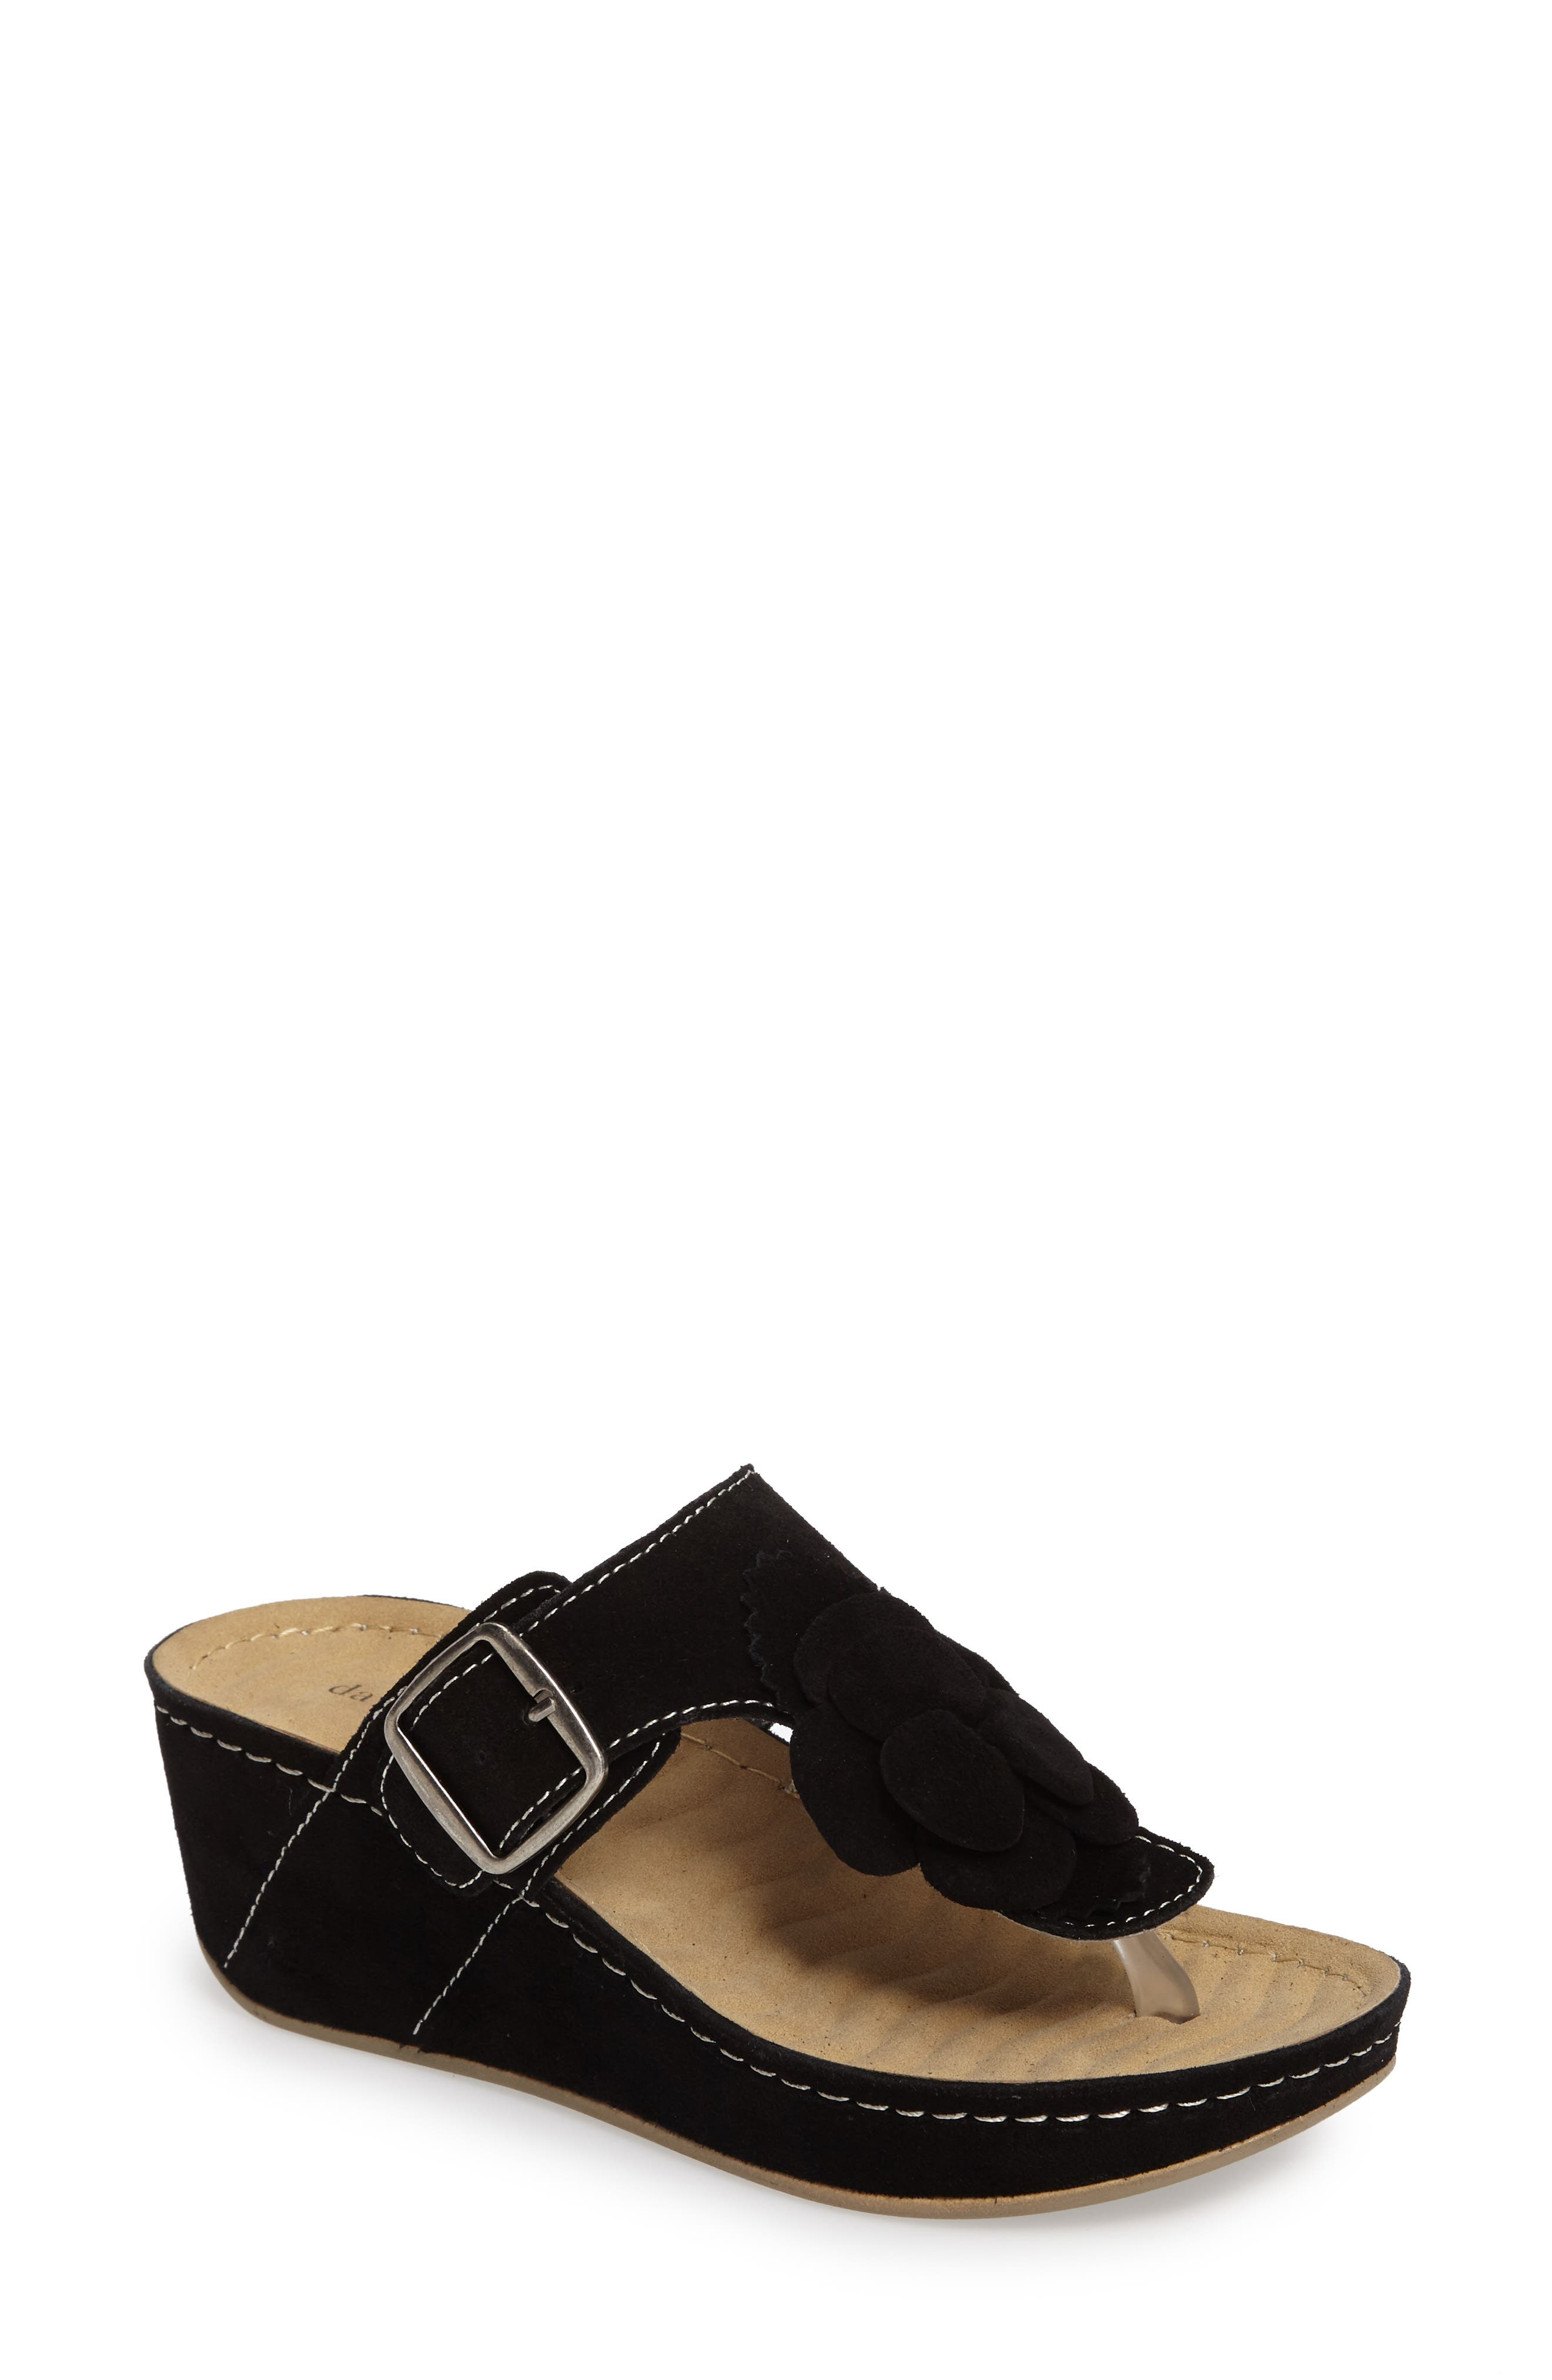 Alternate Image 1 Selected - David Tate Spring Platform Wedge Sandal (Women)